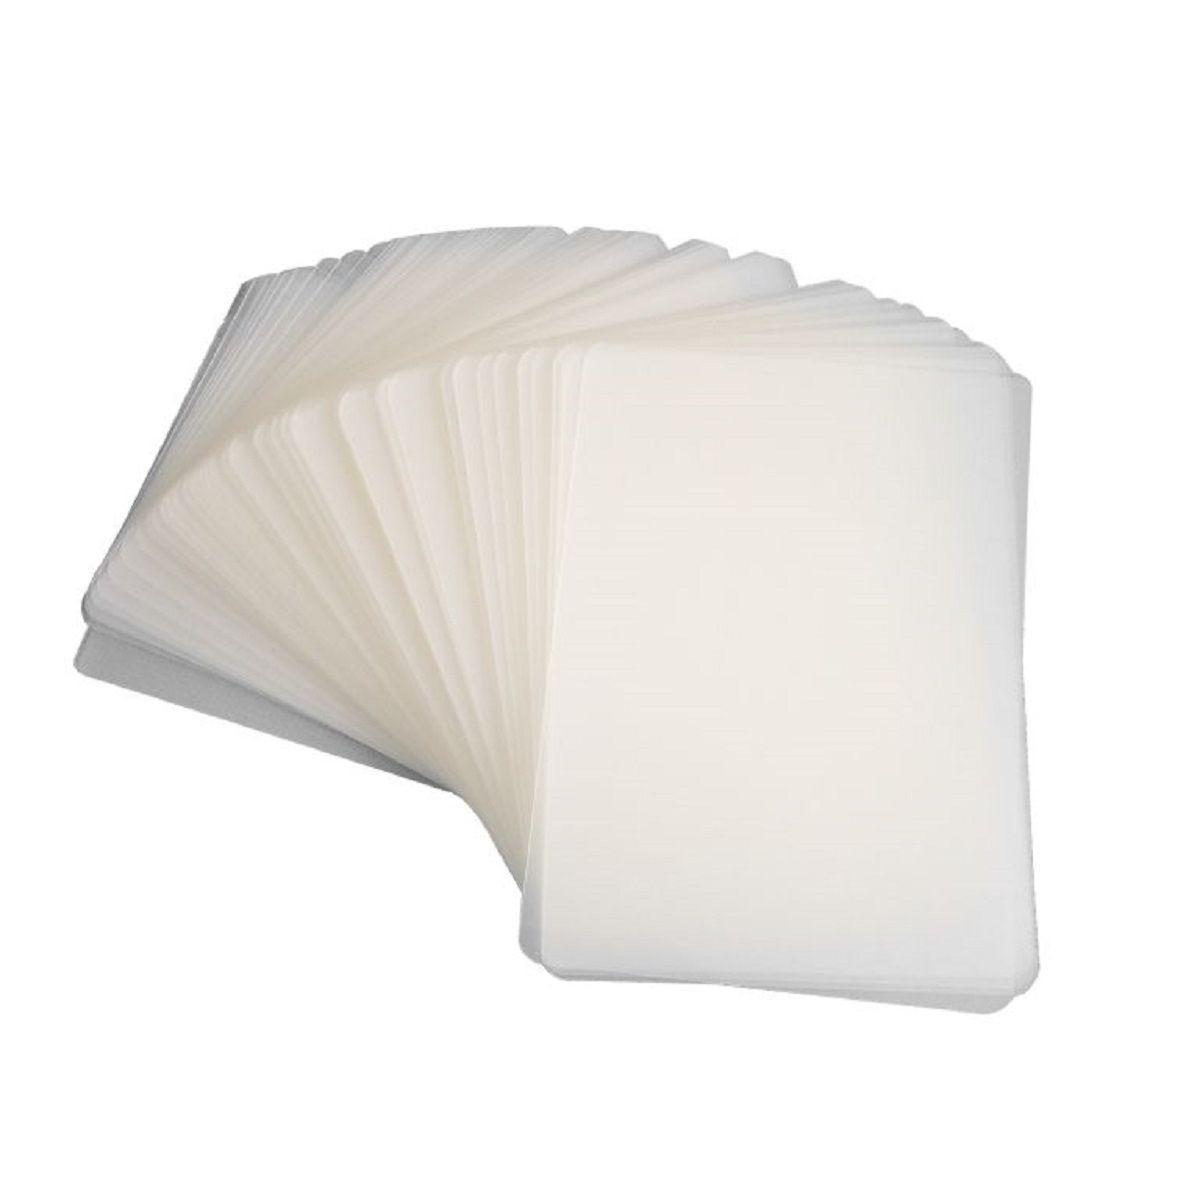 Polaseal para Plastificação Oficio 226x340x0,10mm (250 micras) - Pacote com 100 unidades  - Click Suprimentos